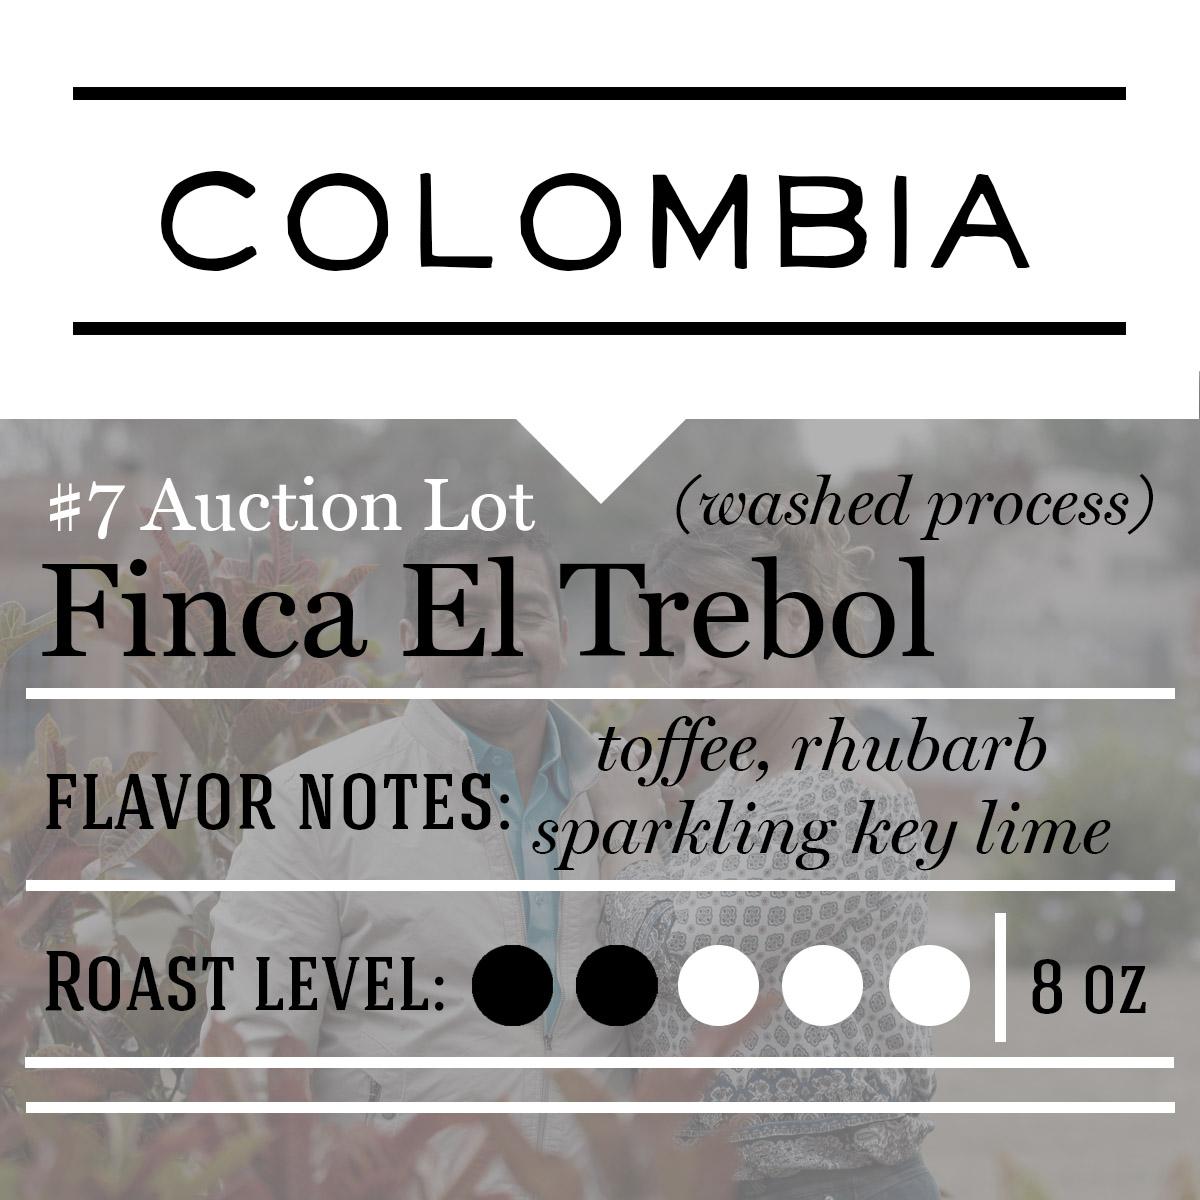 Finca El Trebol - Patriot Coffee Roasters - Central Florida